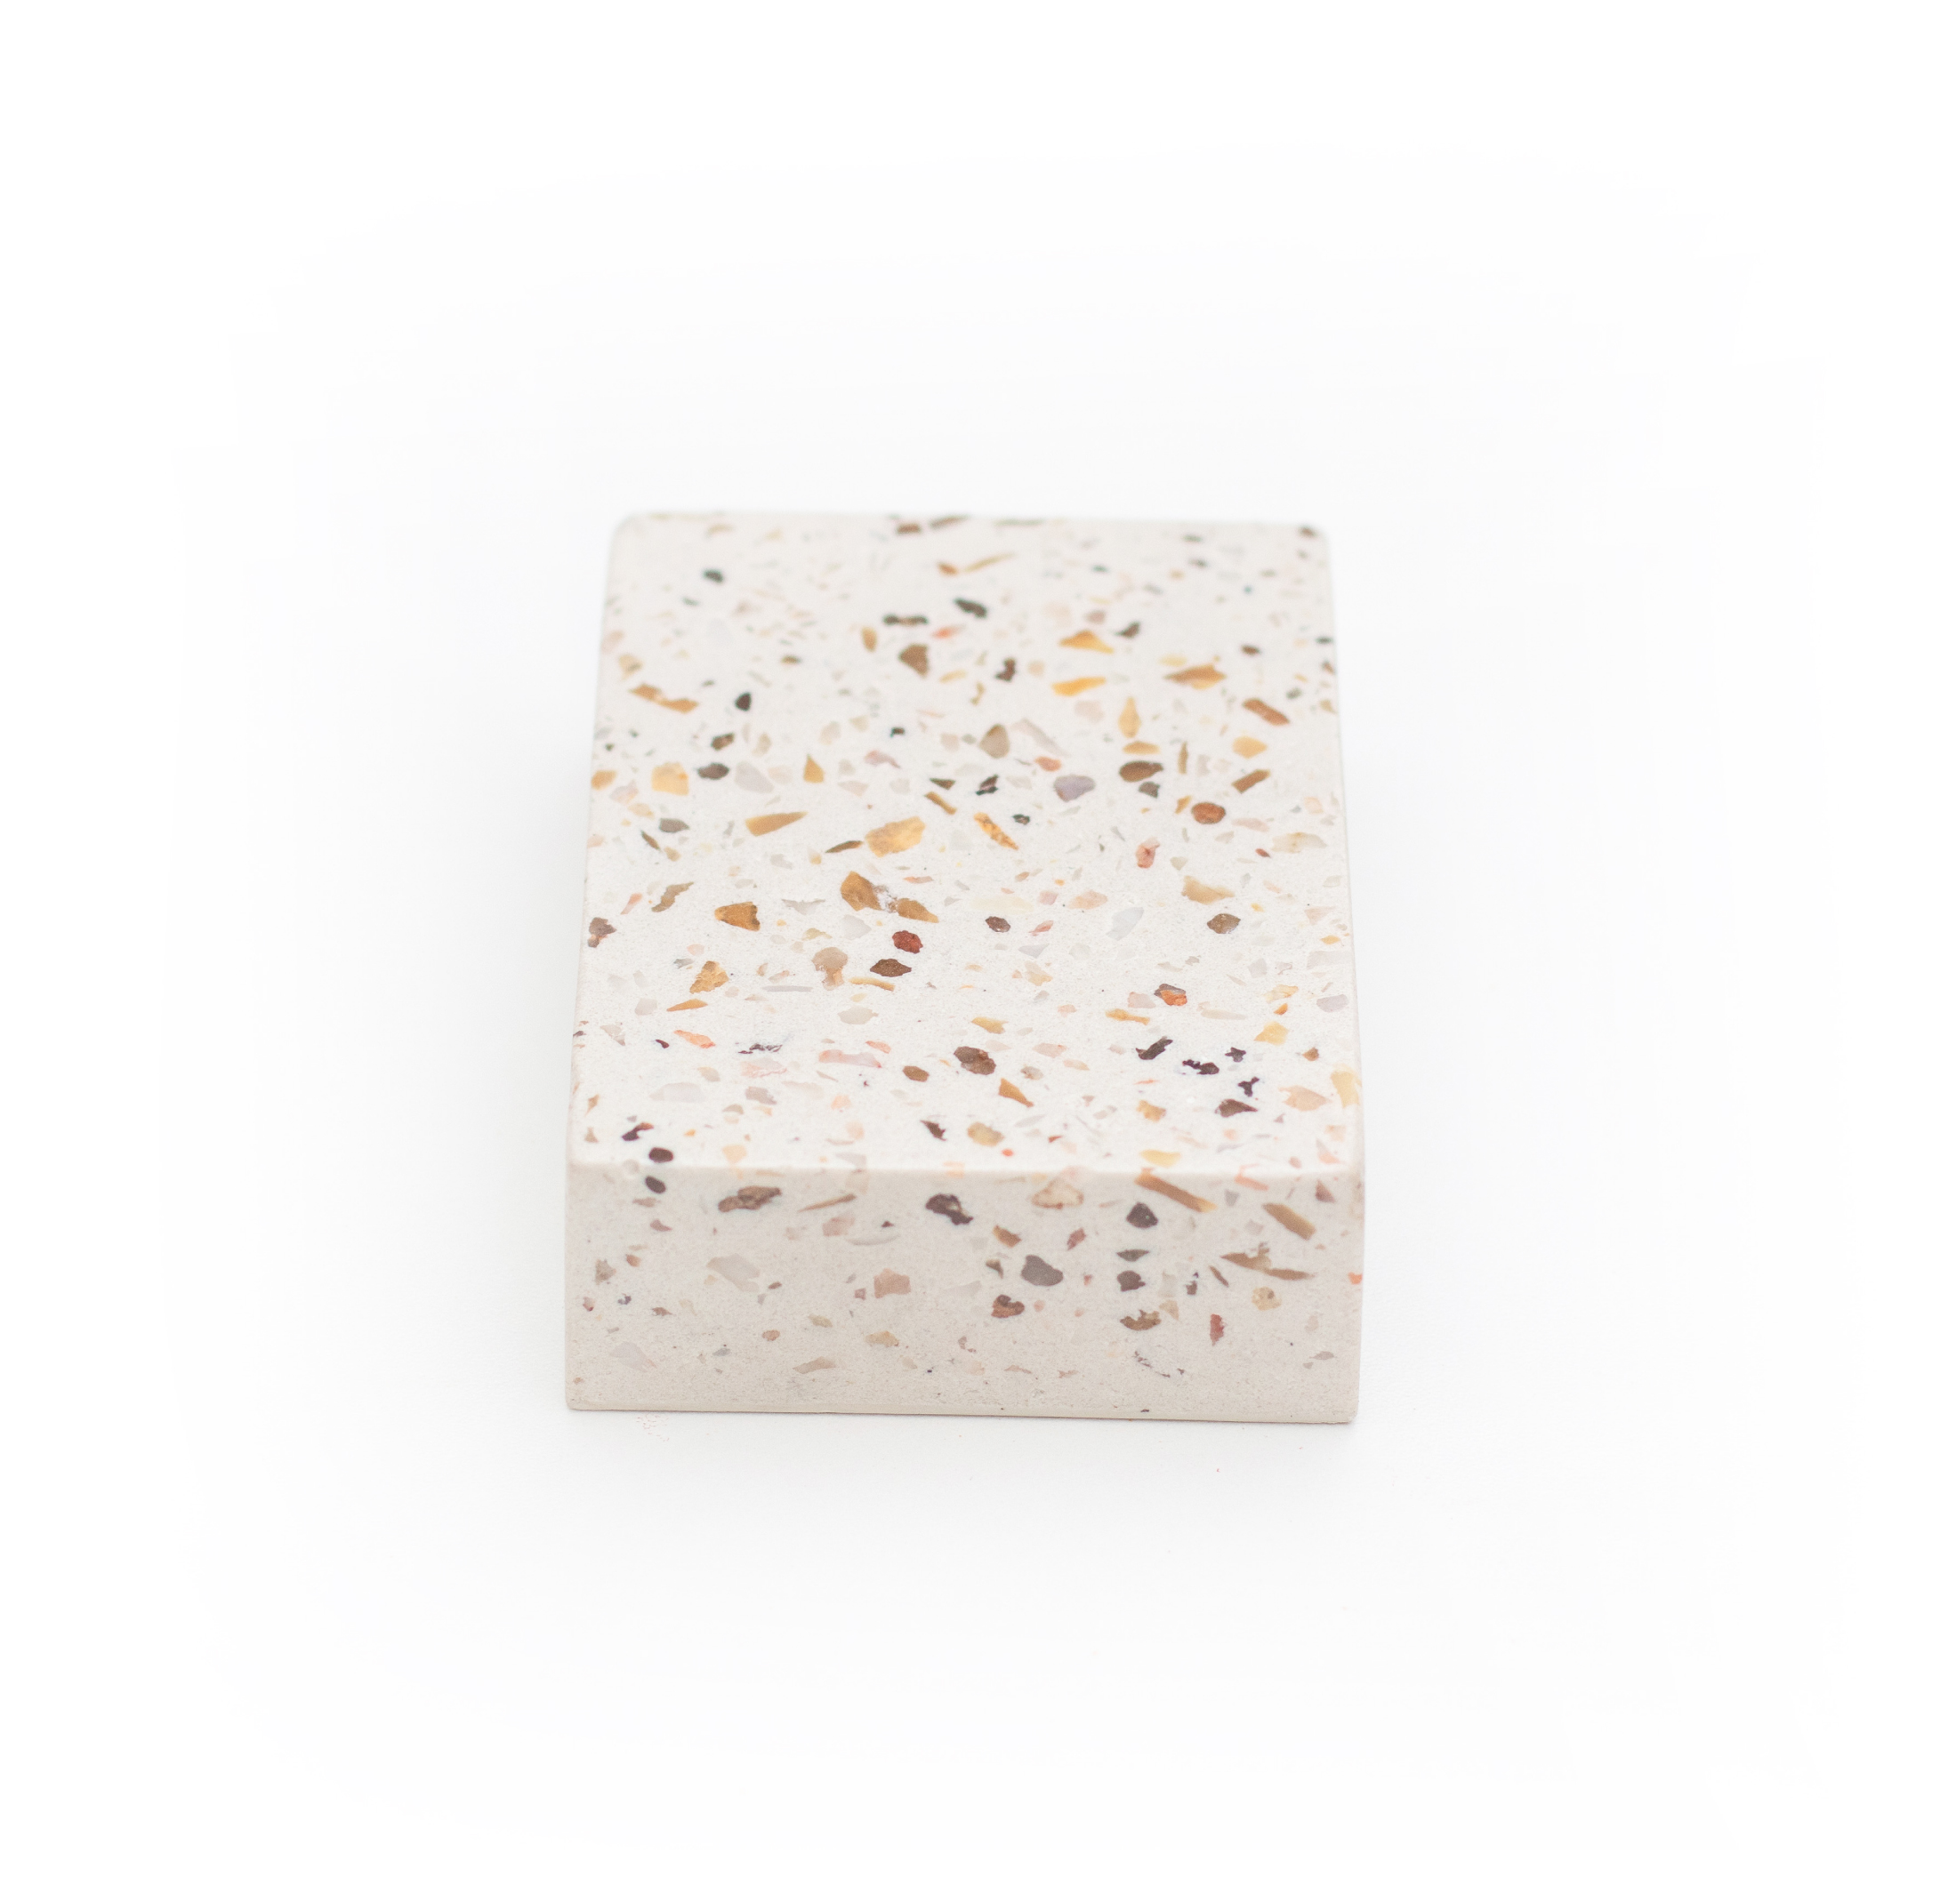 granilite branca com pedras creme, brancas e cinza - cod grow03